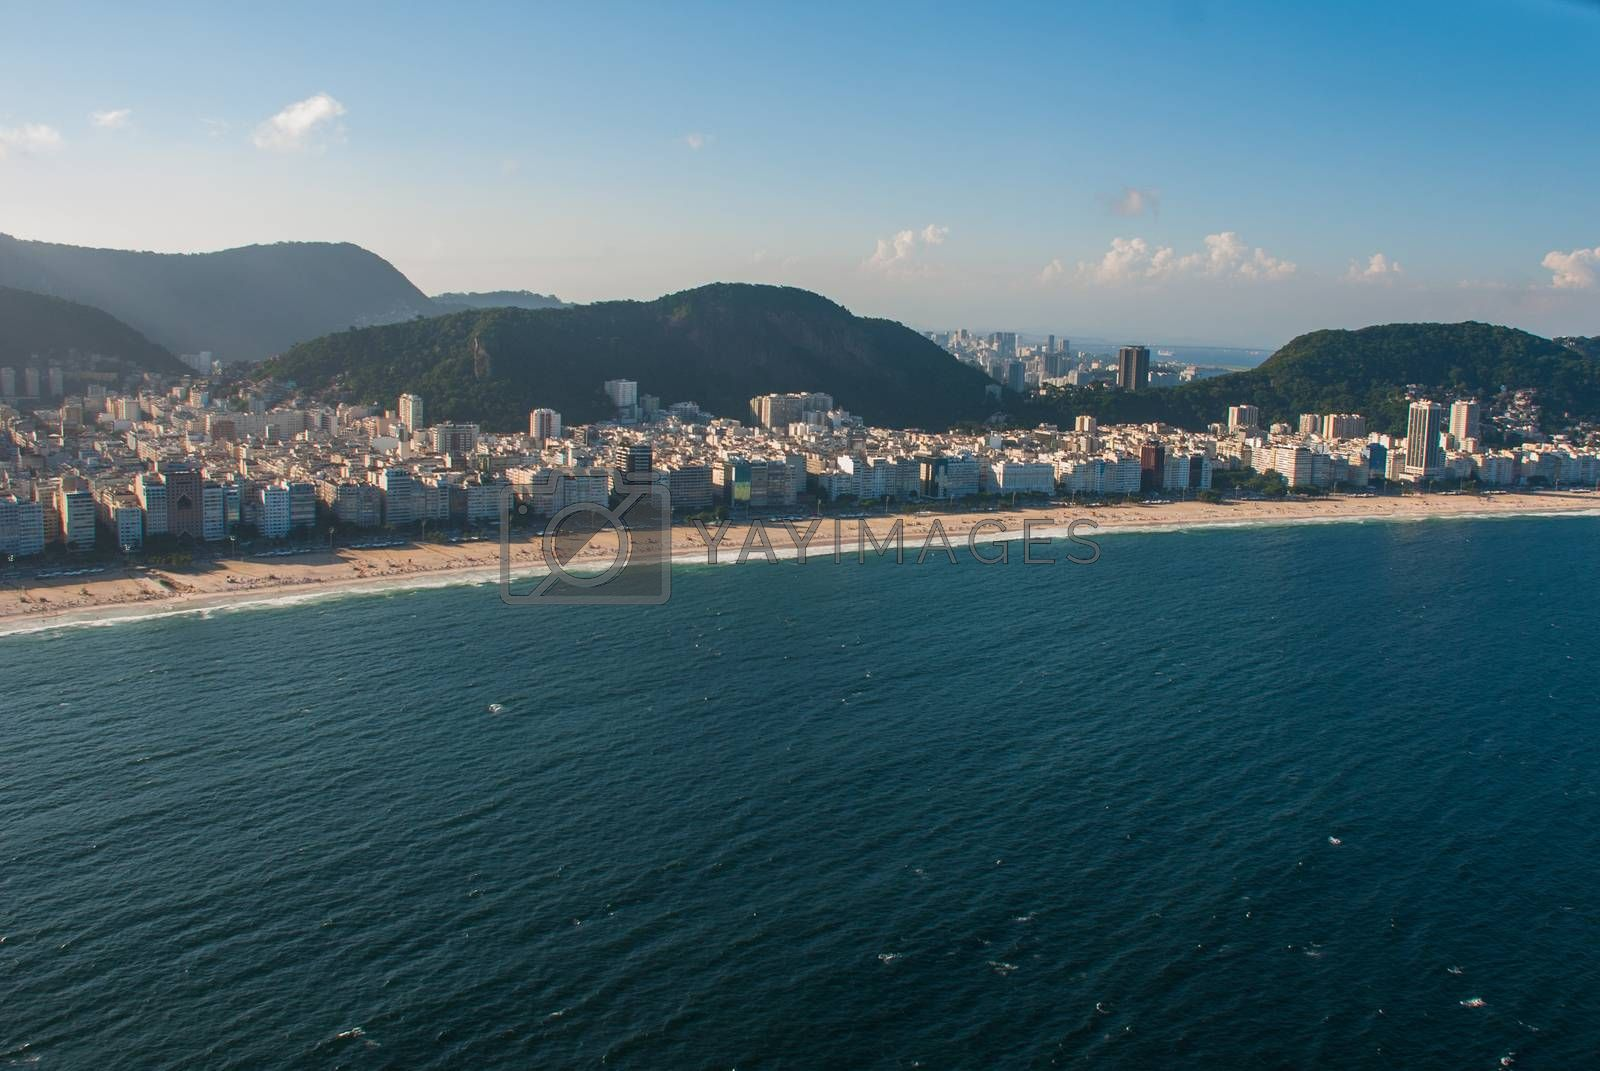 Aerial view of famous Copacabana Beach in Rio de Janeiro, Brazil. Beautiful top view.